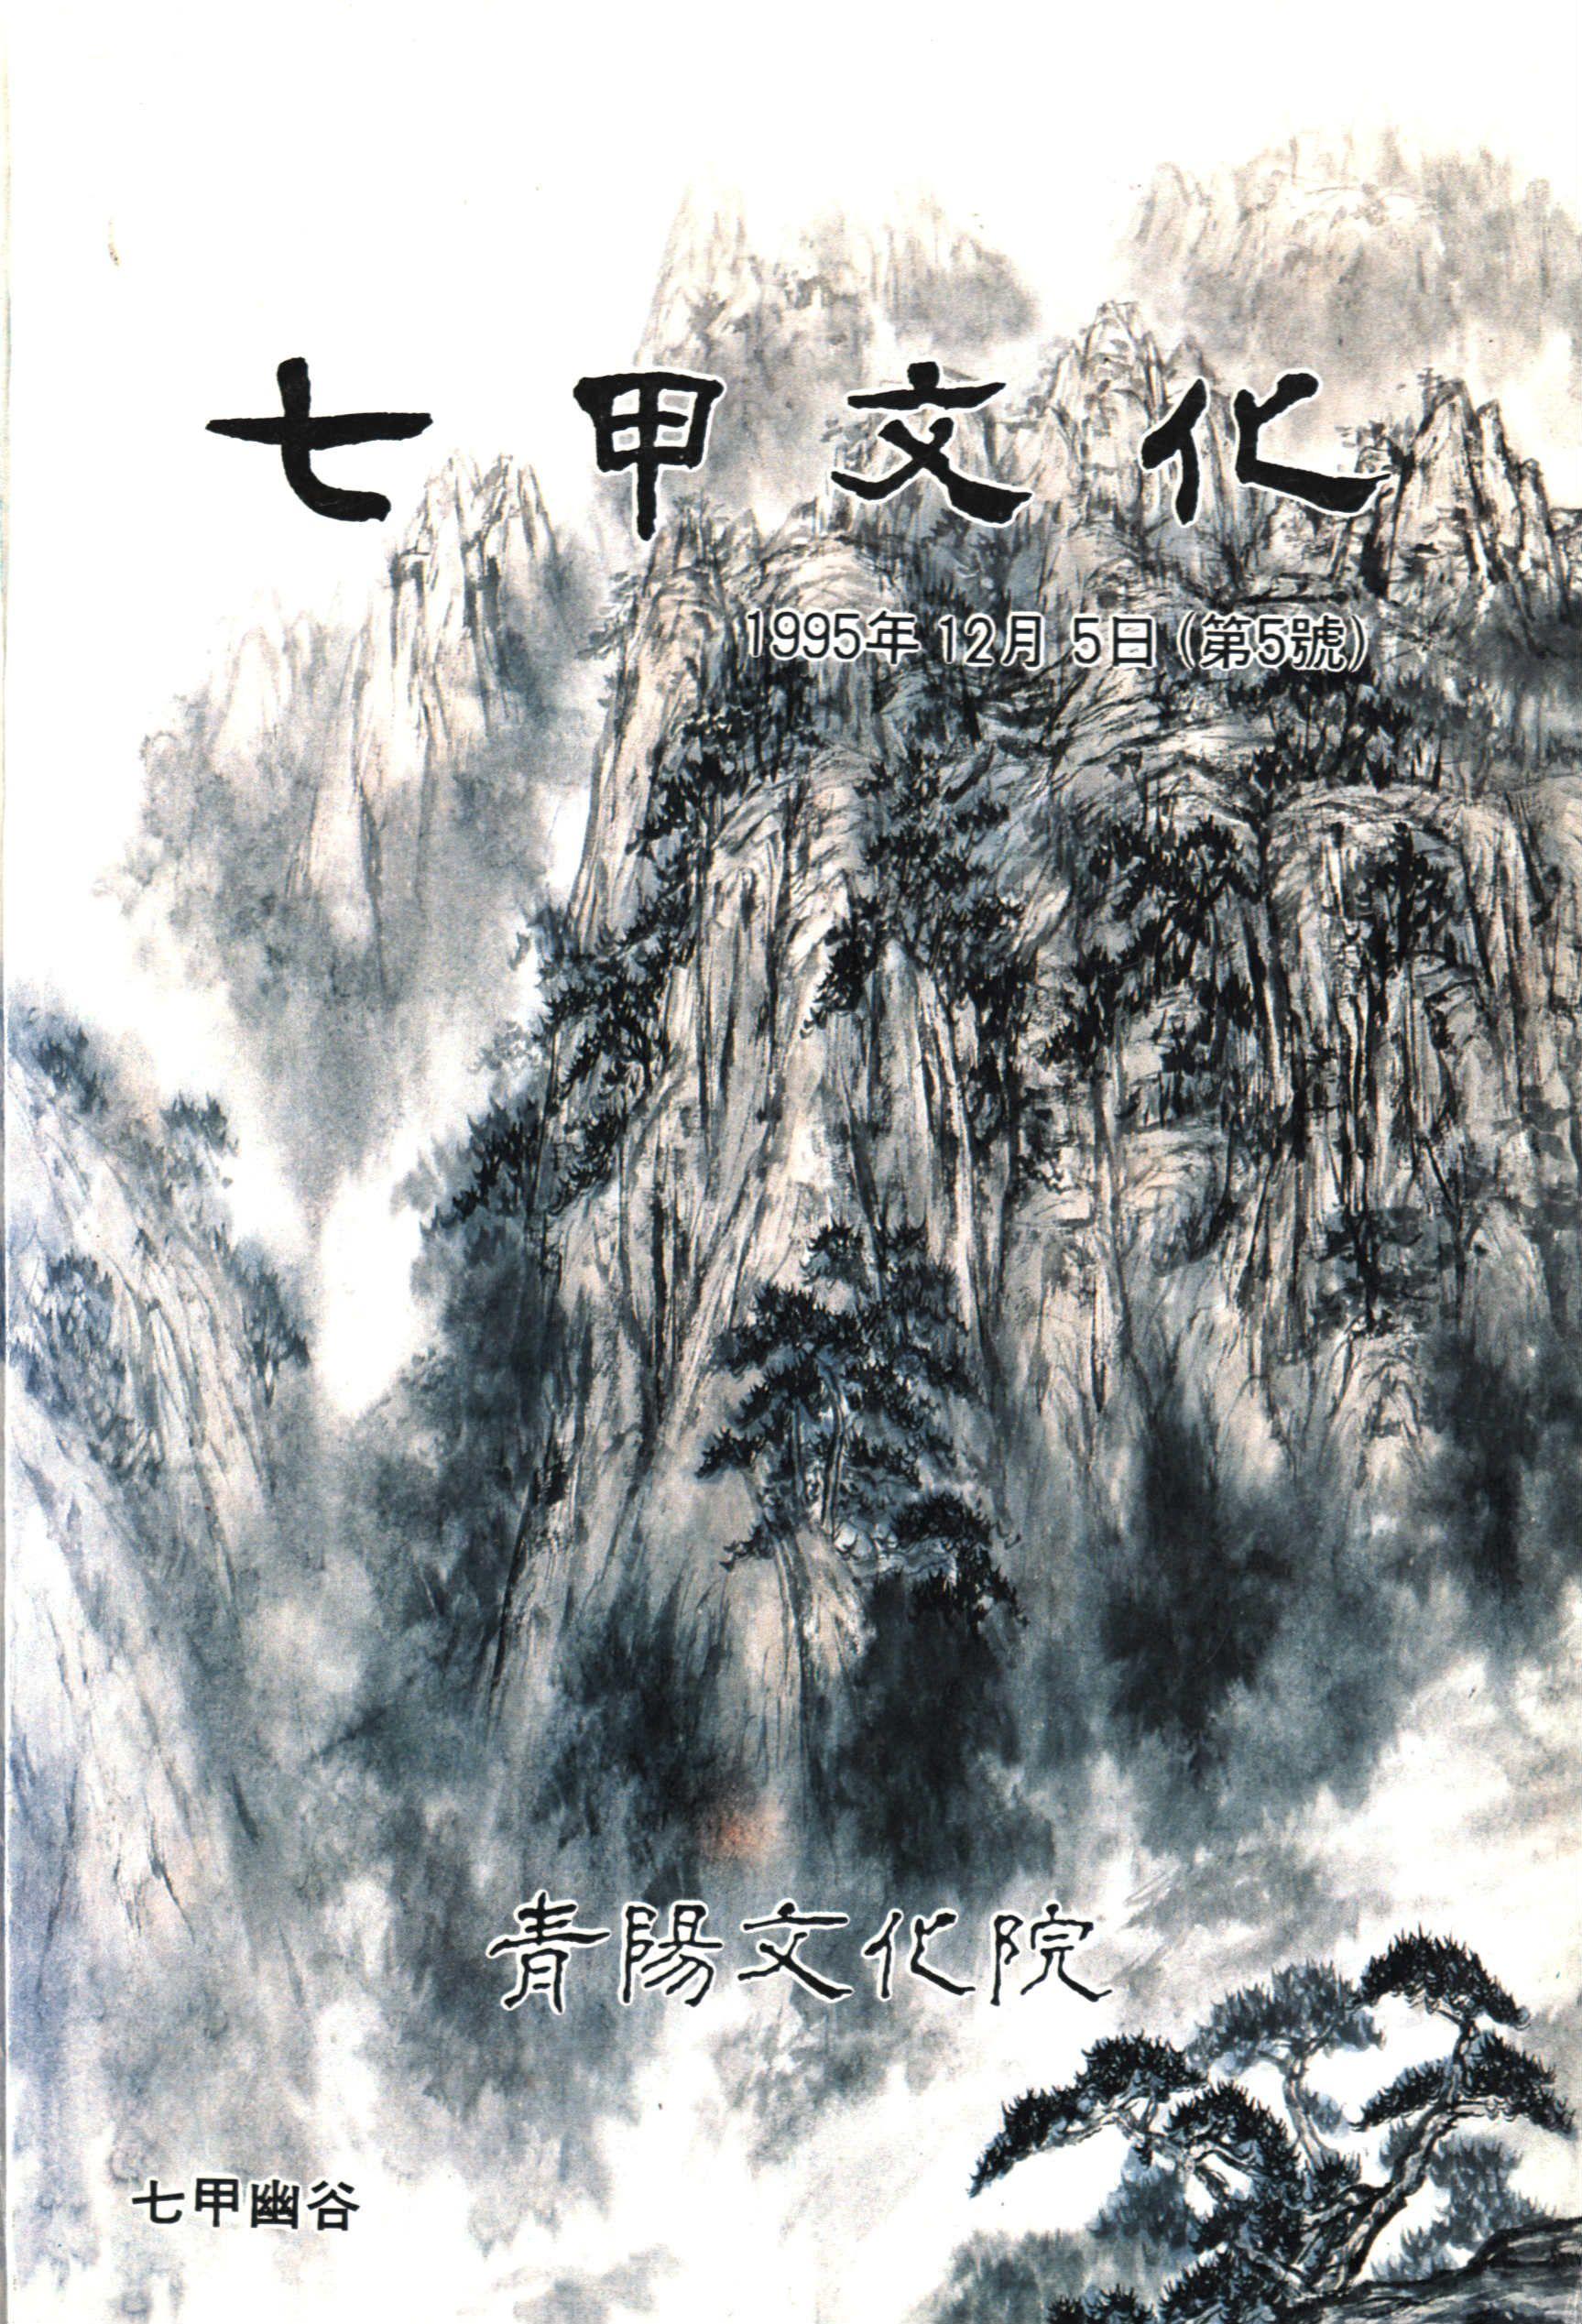 七甲文化 (칠갑문화) 제5호